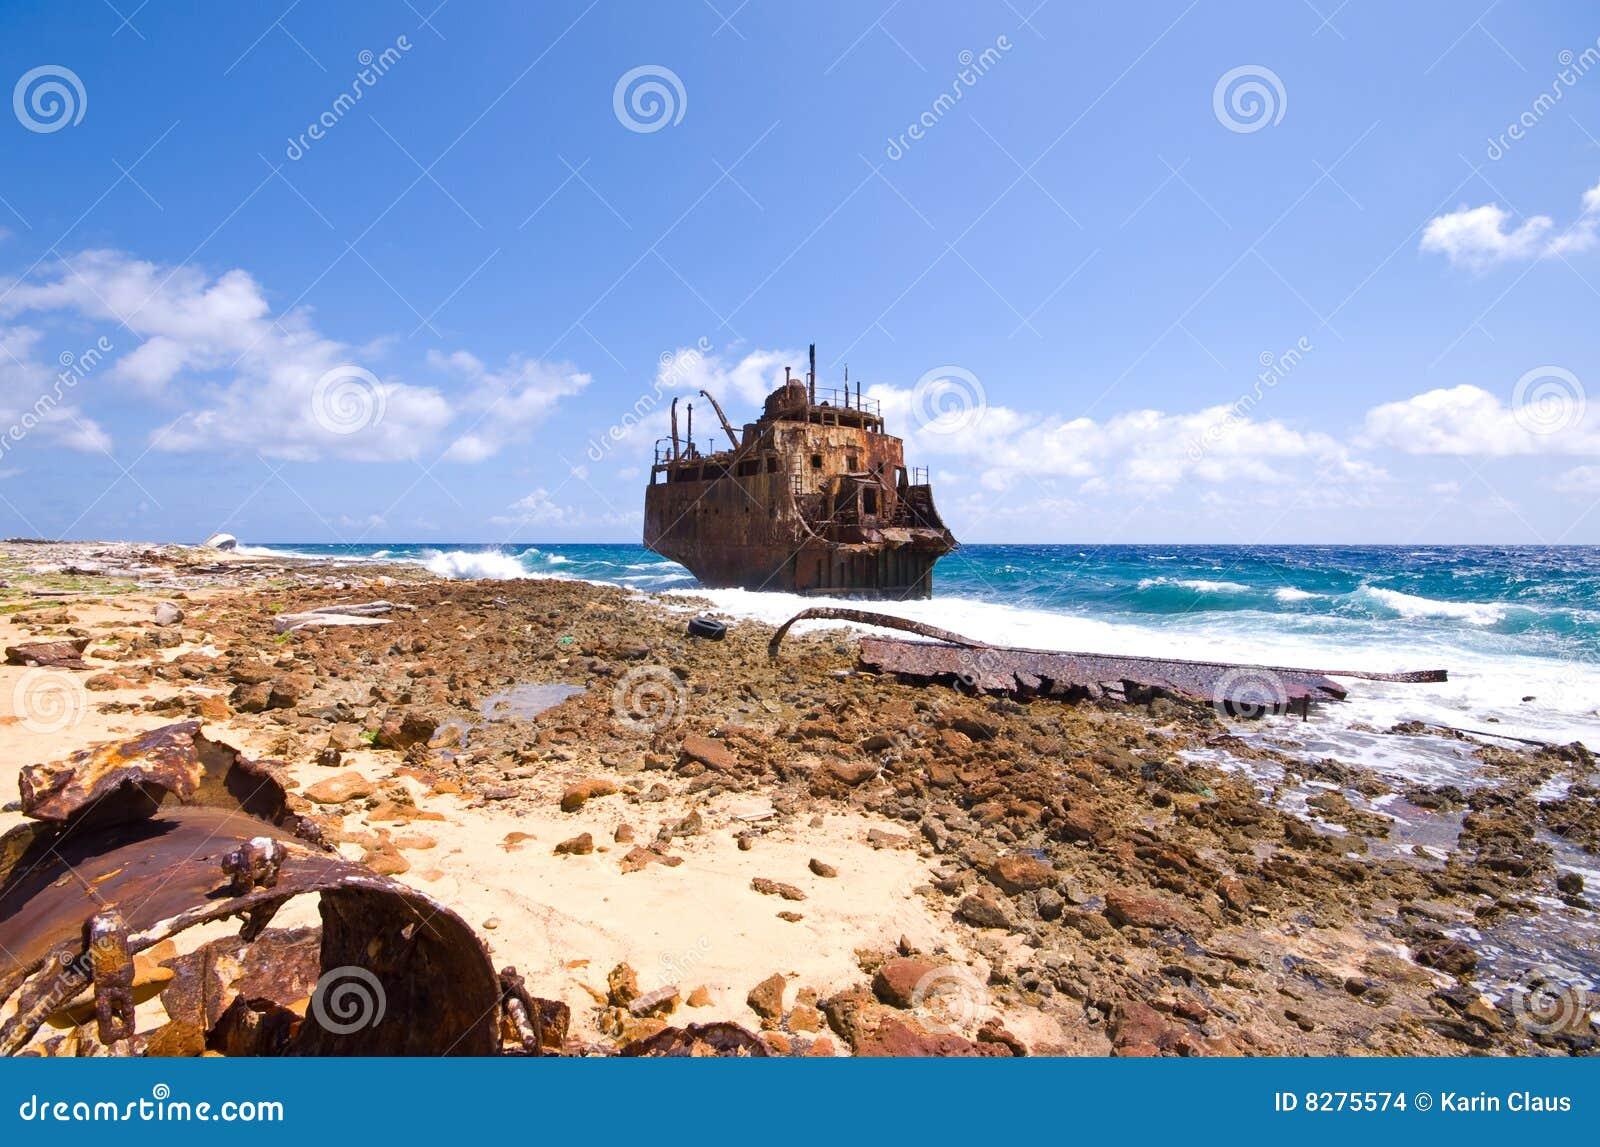 Karibisches Schiffswrack